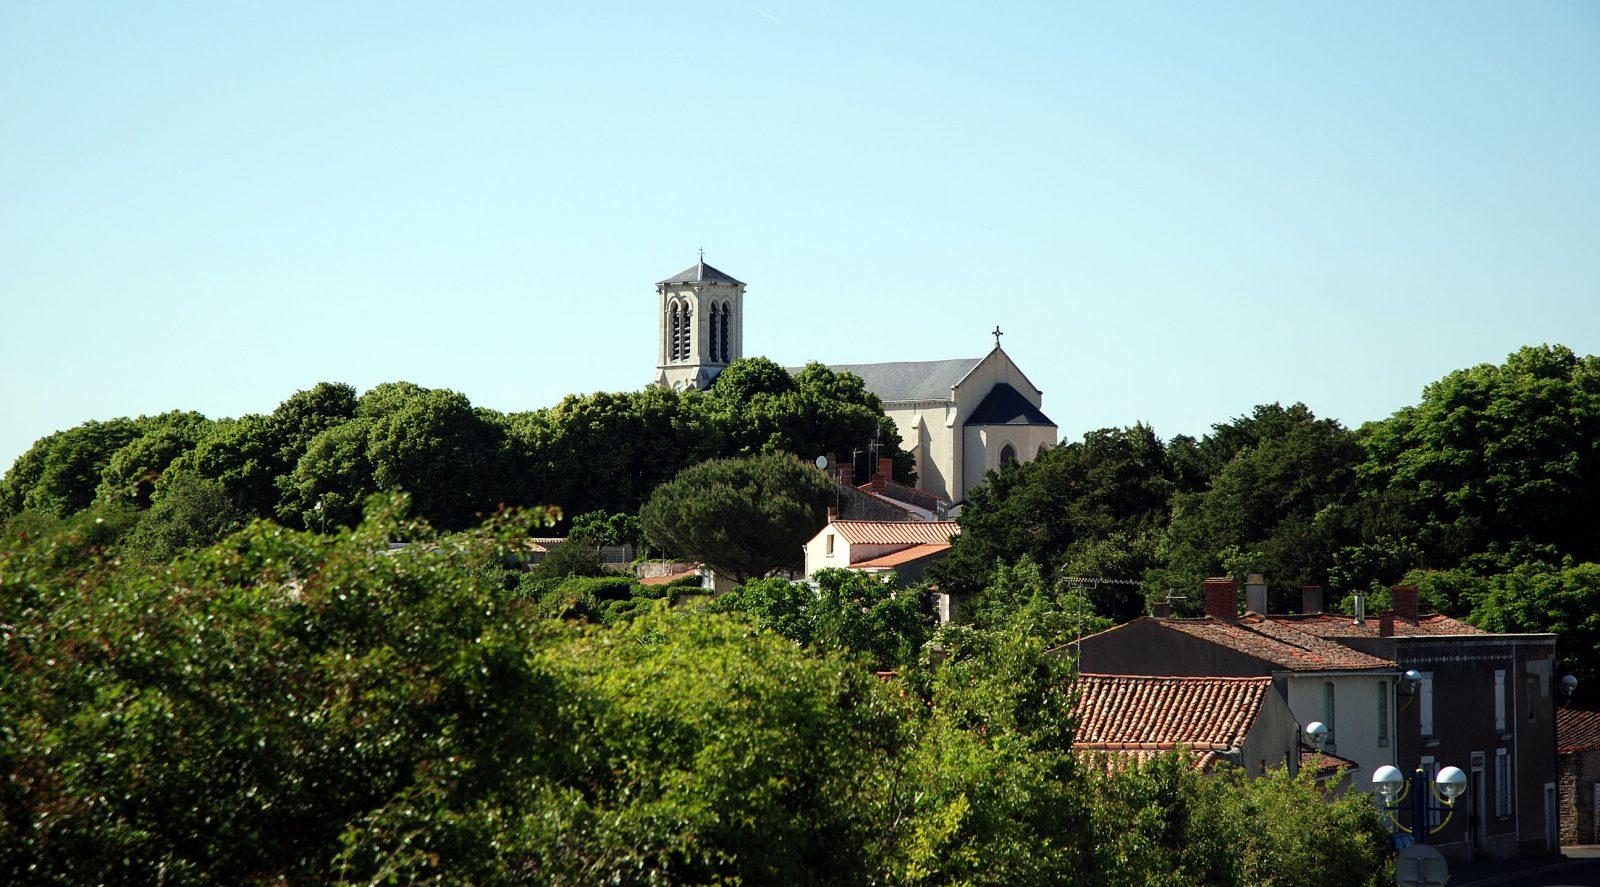 eglise-sainte-marie-madeleine-chaille-les-marais-85-pcu-1